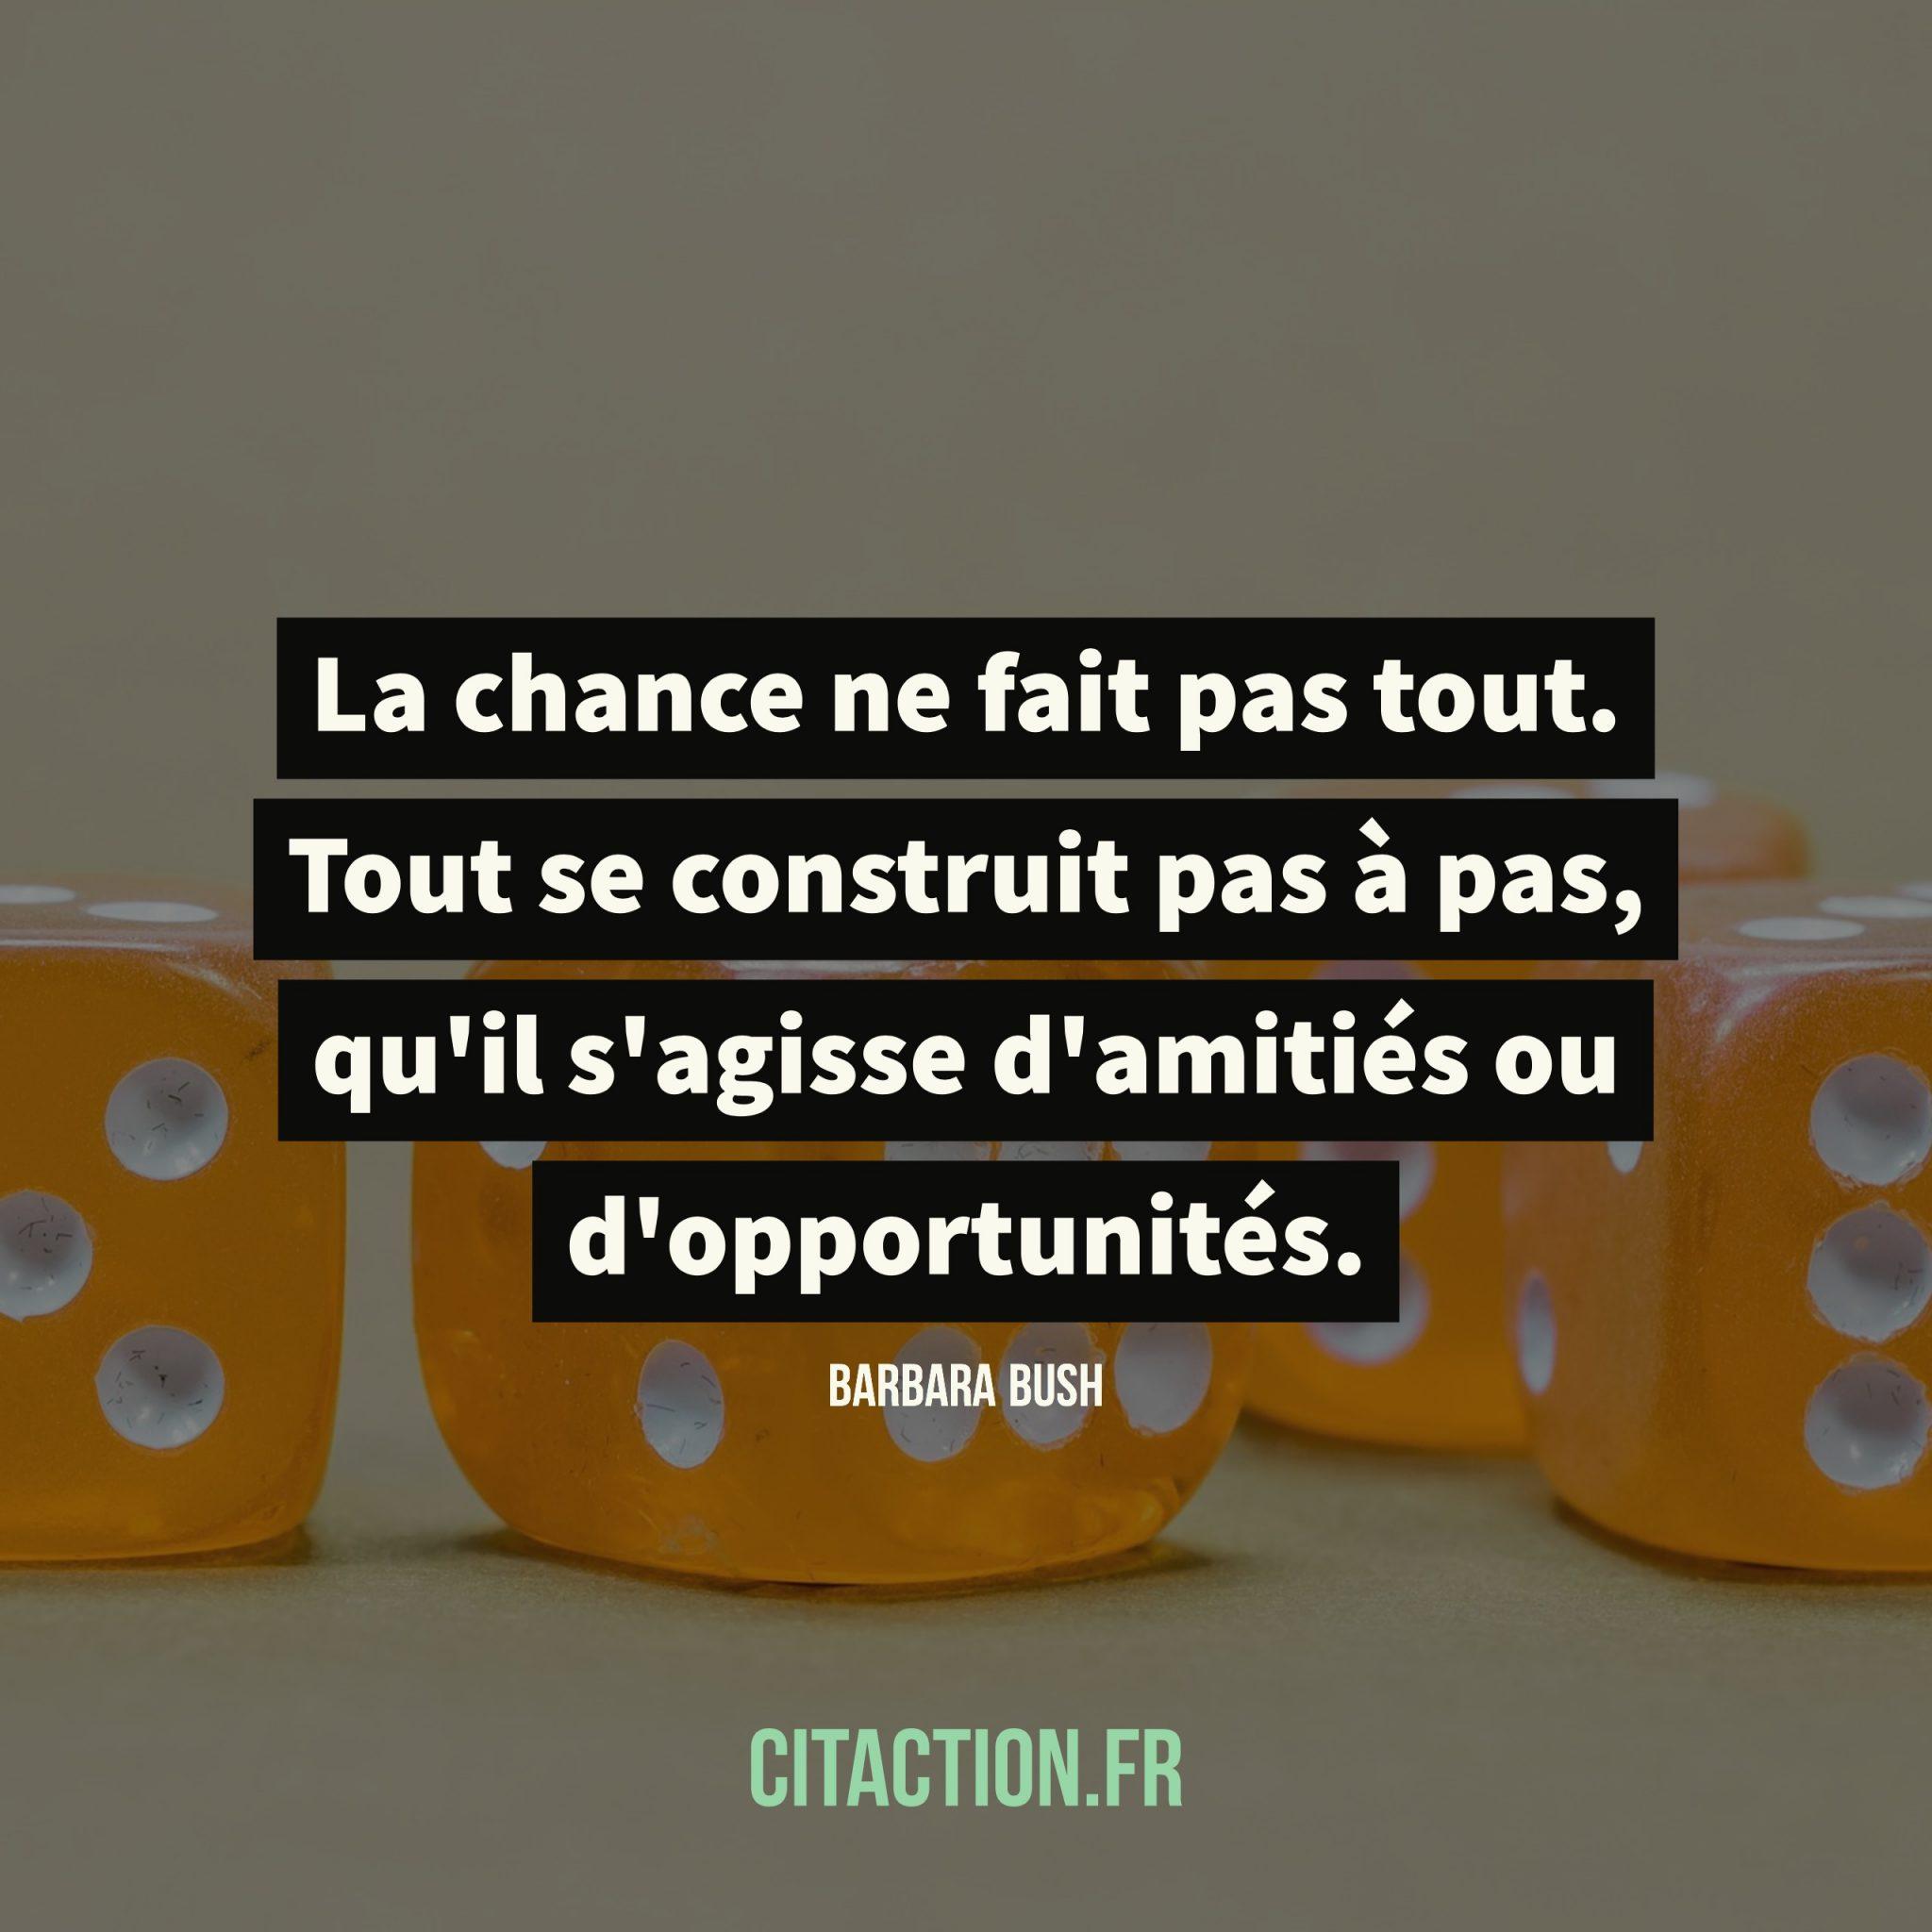 La chance ne fait pas tout.